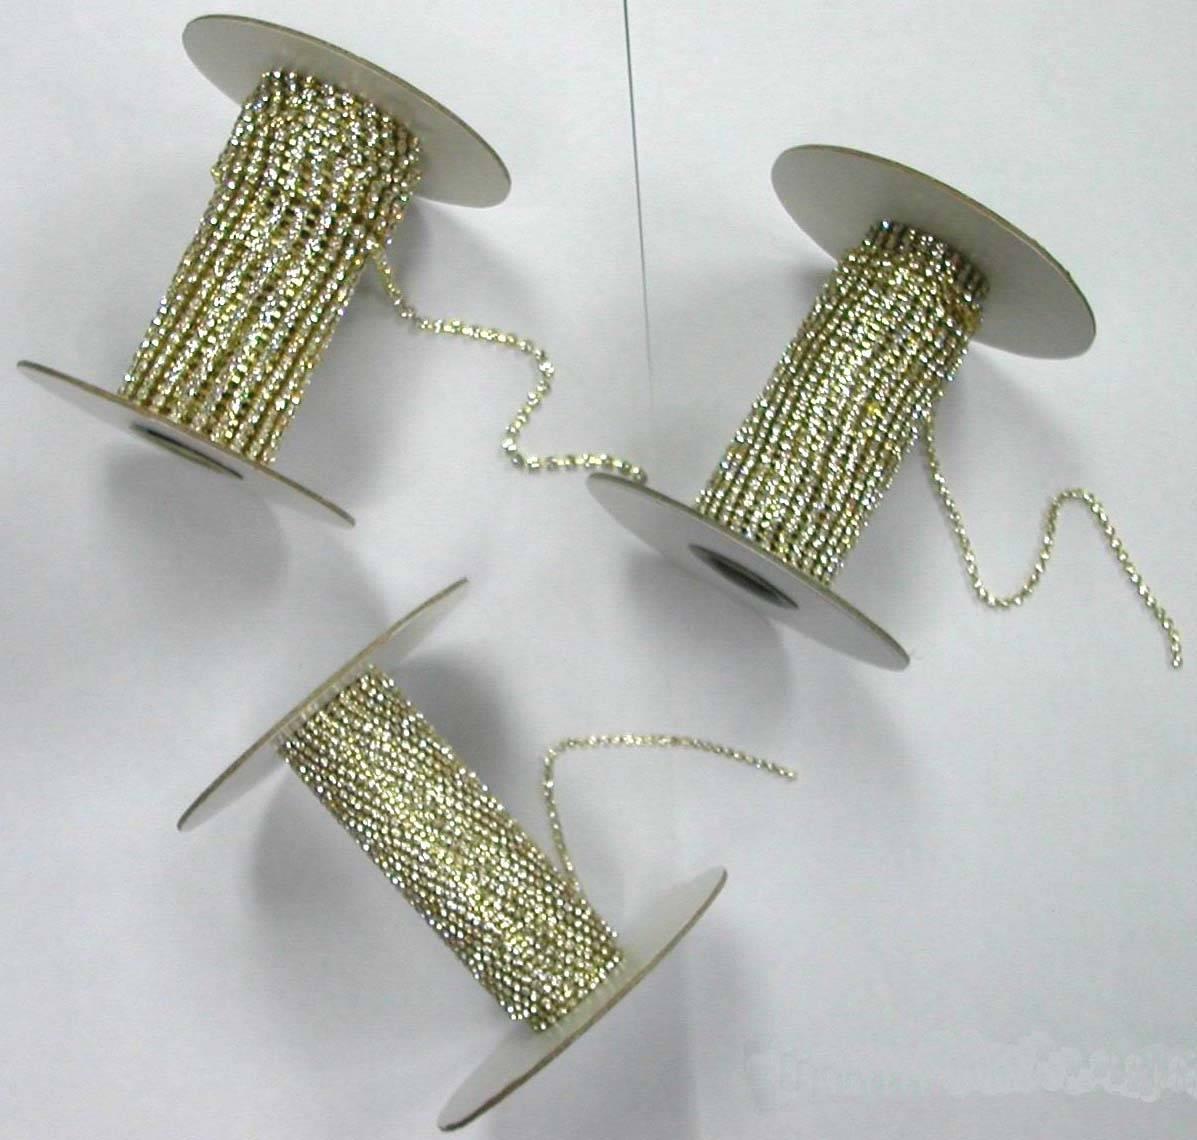 preciosa rhinestone cup chain